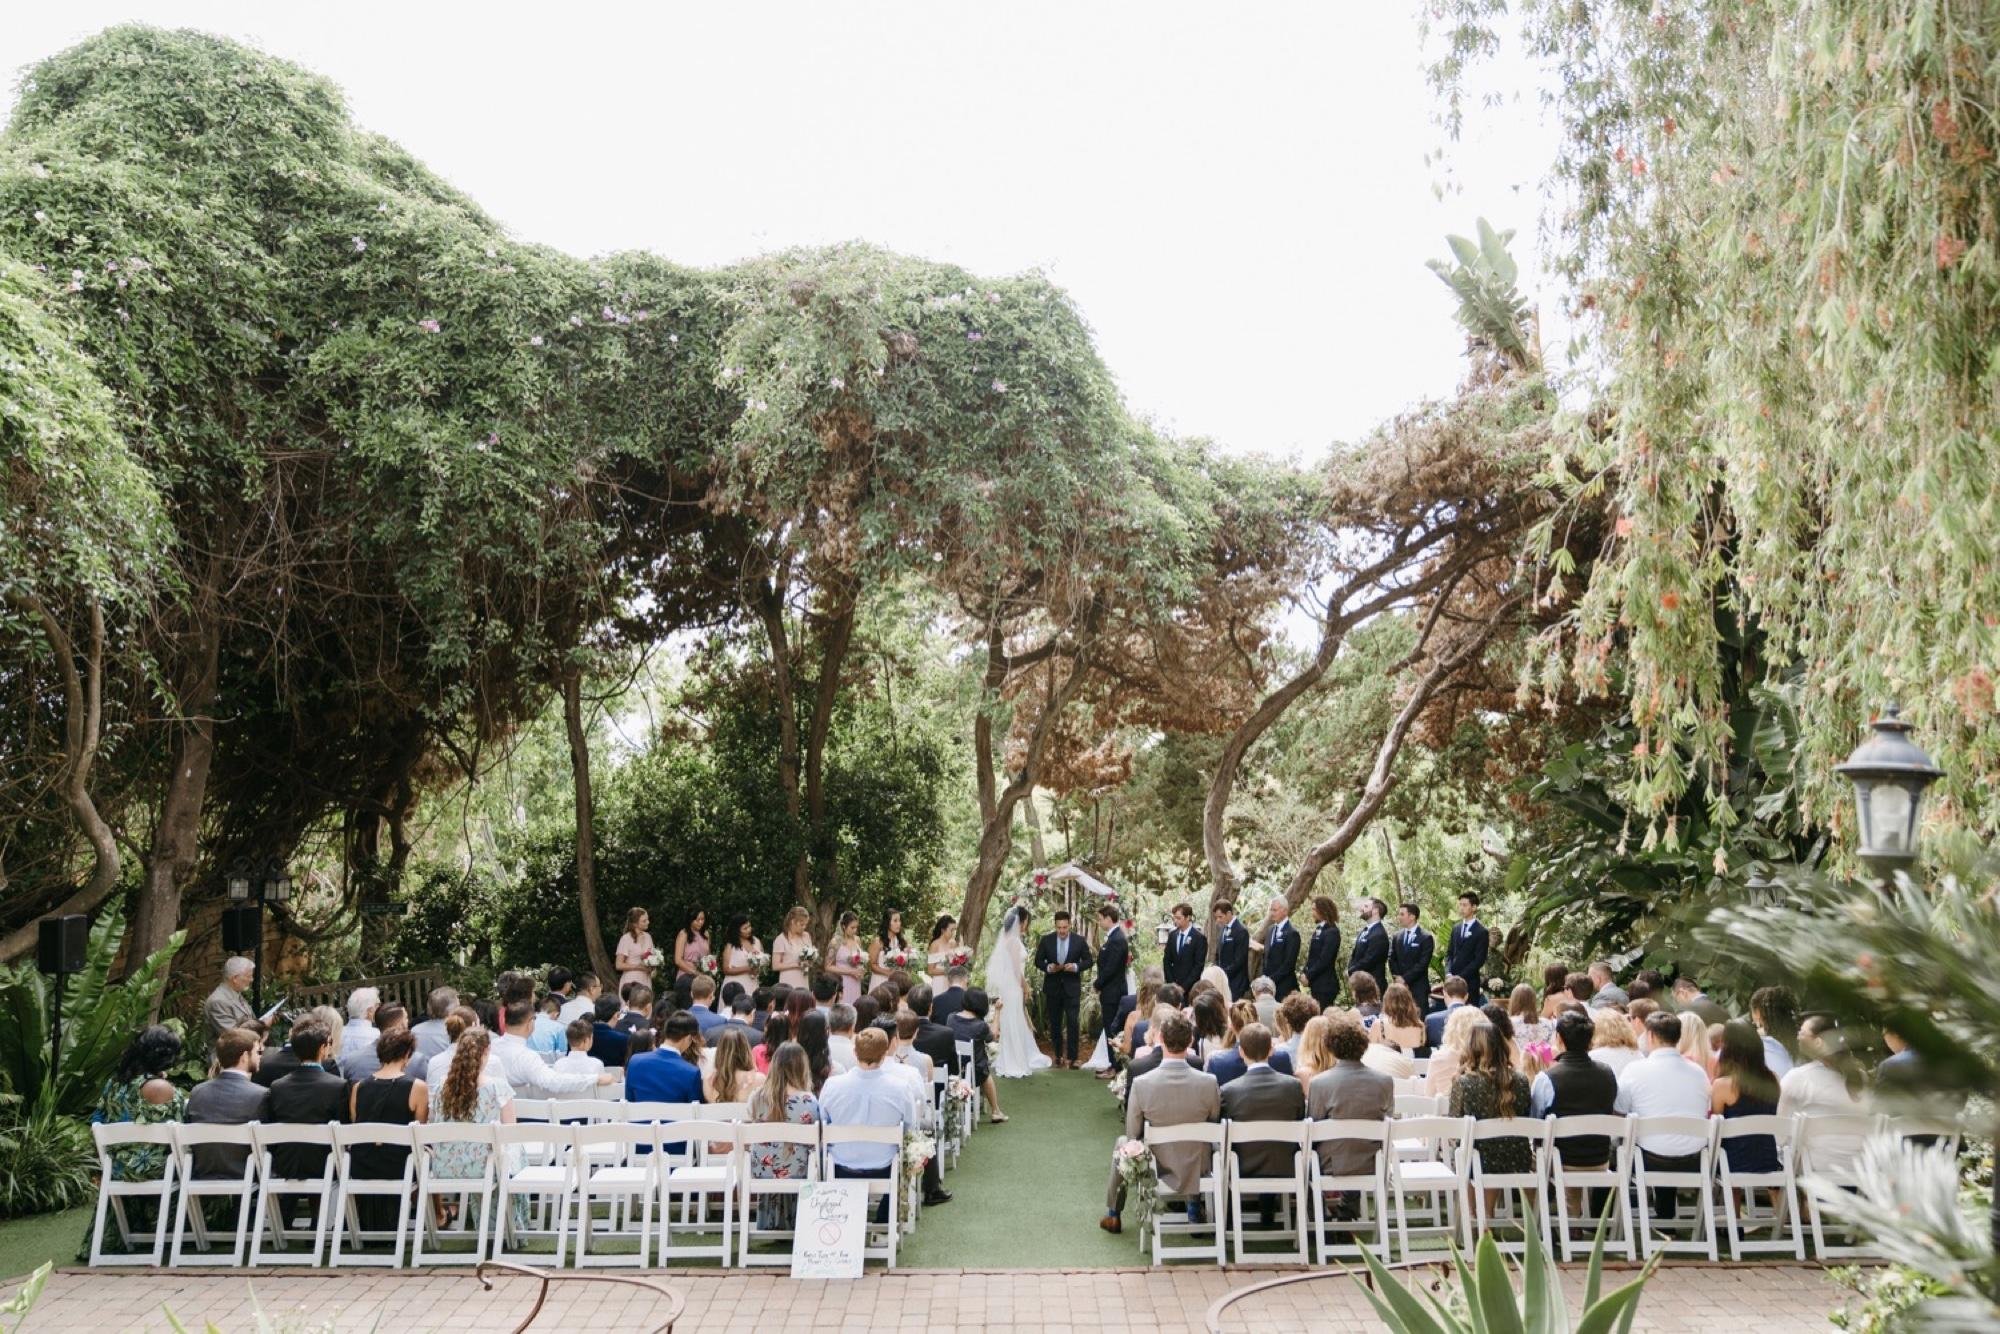 032_Shawna and Steve's Wedding-186.jpg